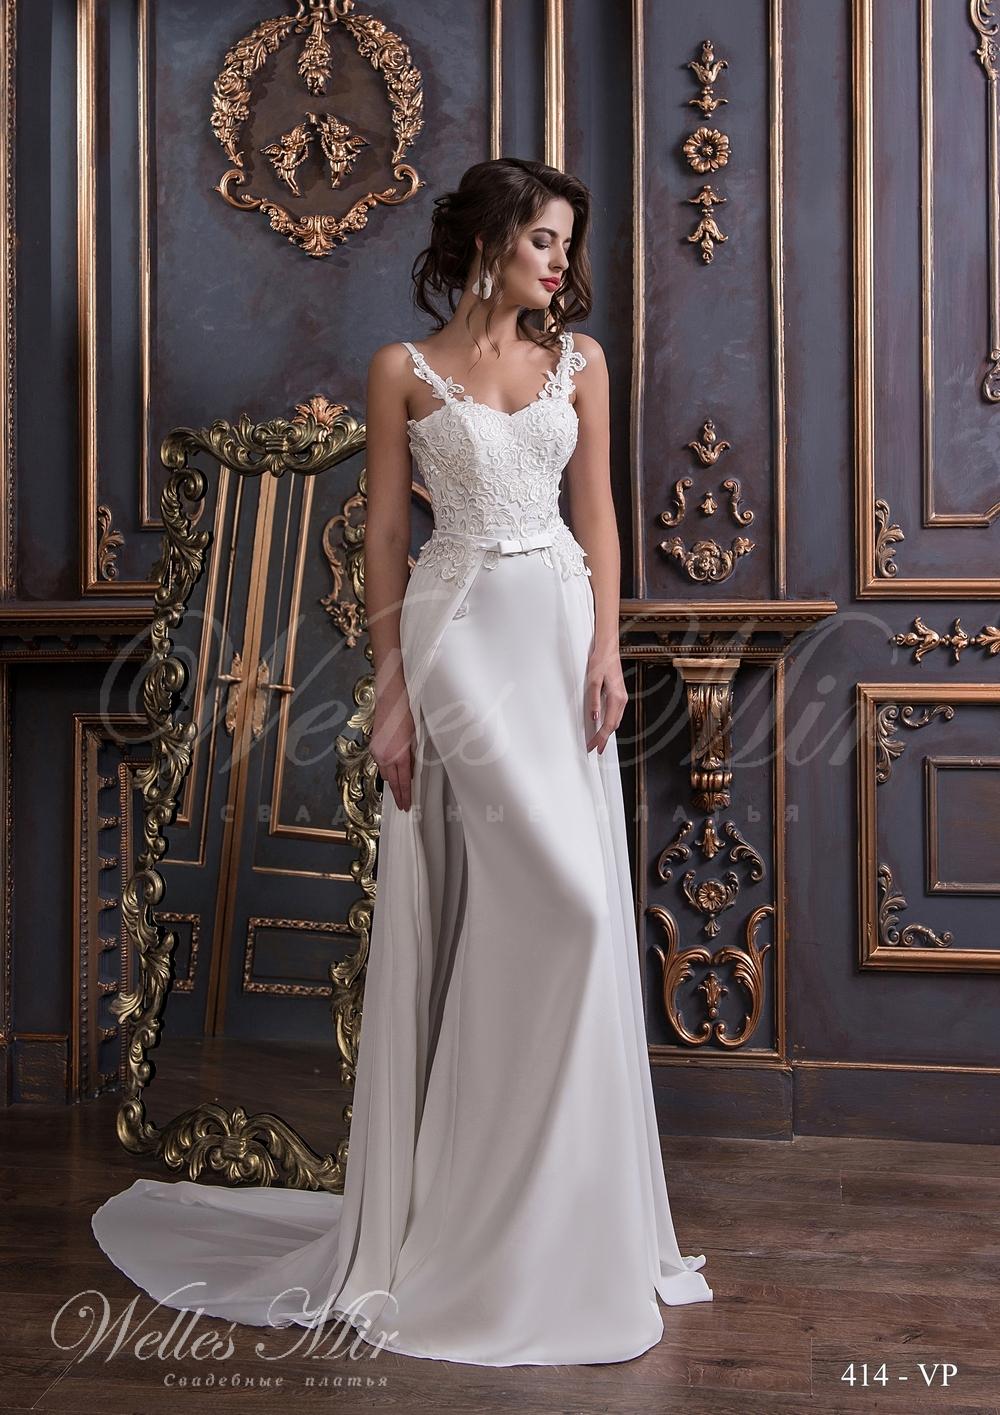 Весільну сукню з двома спідницями